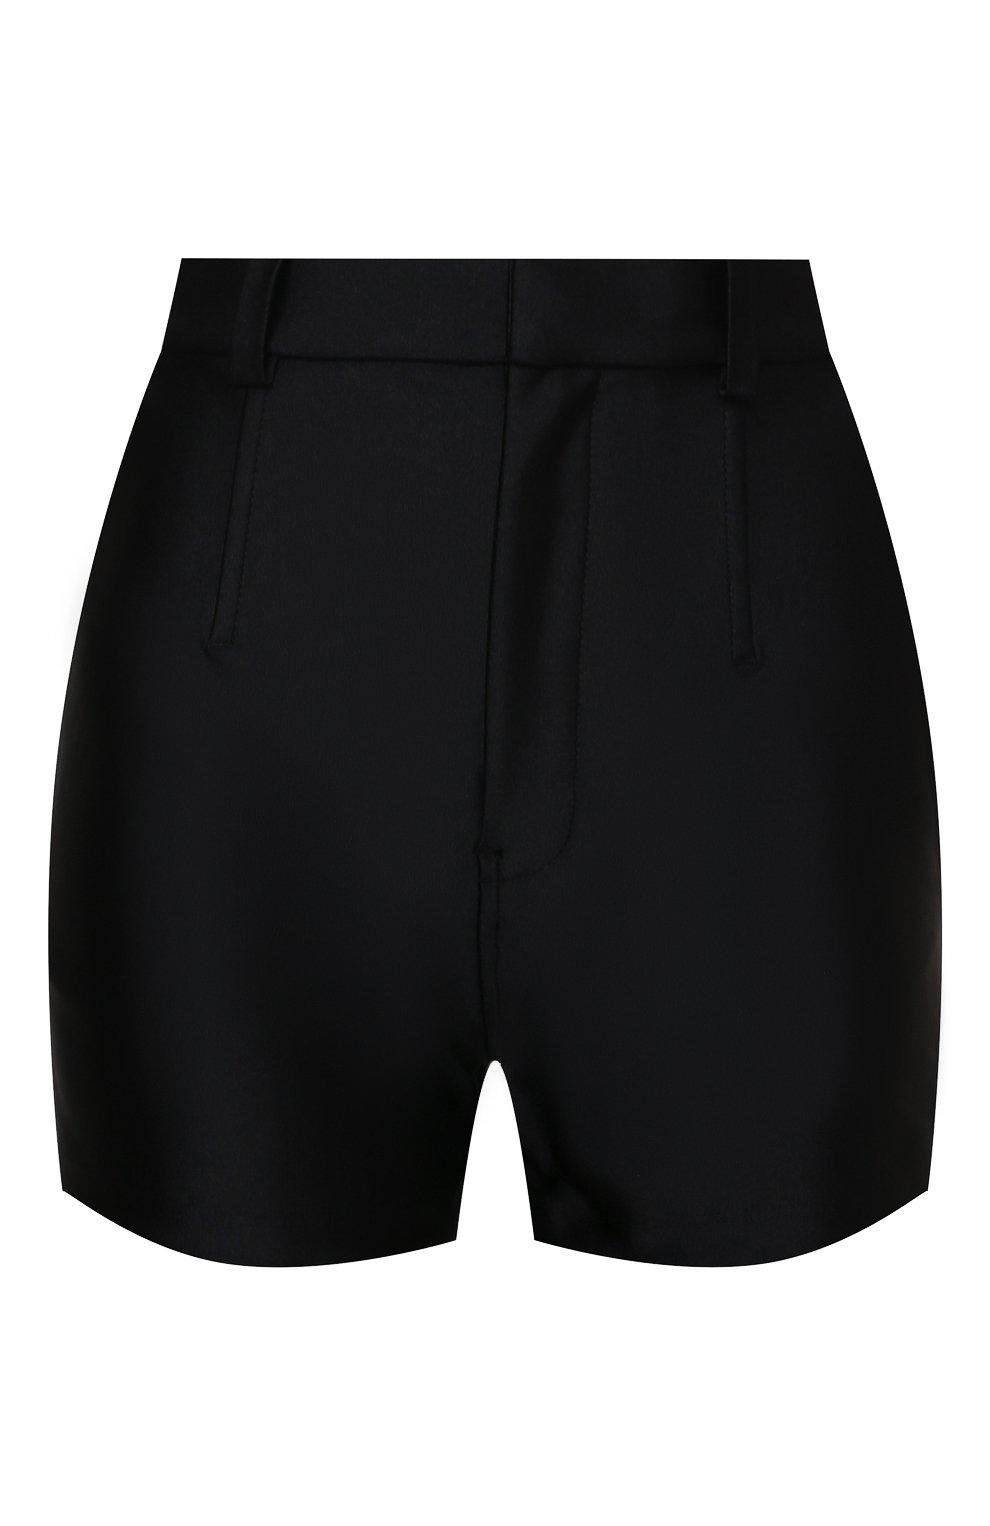 Женские шорты ALEXANDER WANG черного цвета, арт. 1CC3214379 | Фото 1 (Женское Кросс-КТ: Шорты-одежда; Длина Ж (юбки, платья, шорты): Мини; Материал внешний: Синтетический материал; Стили: Кэжуэл)